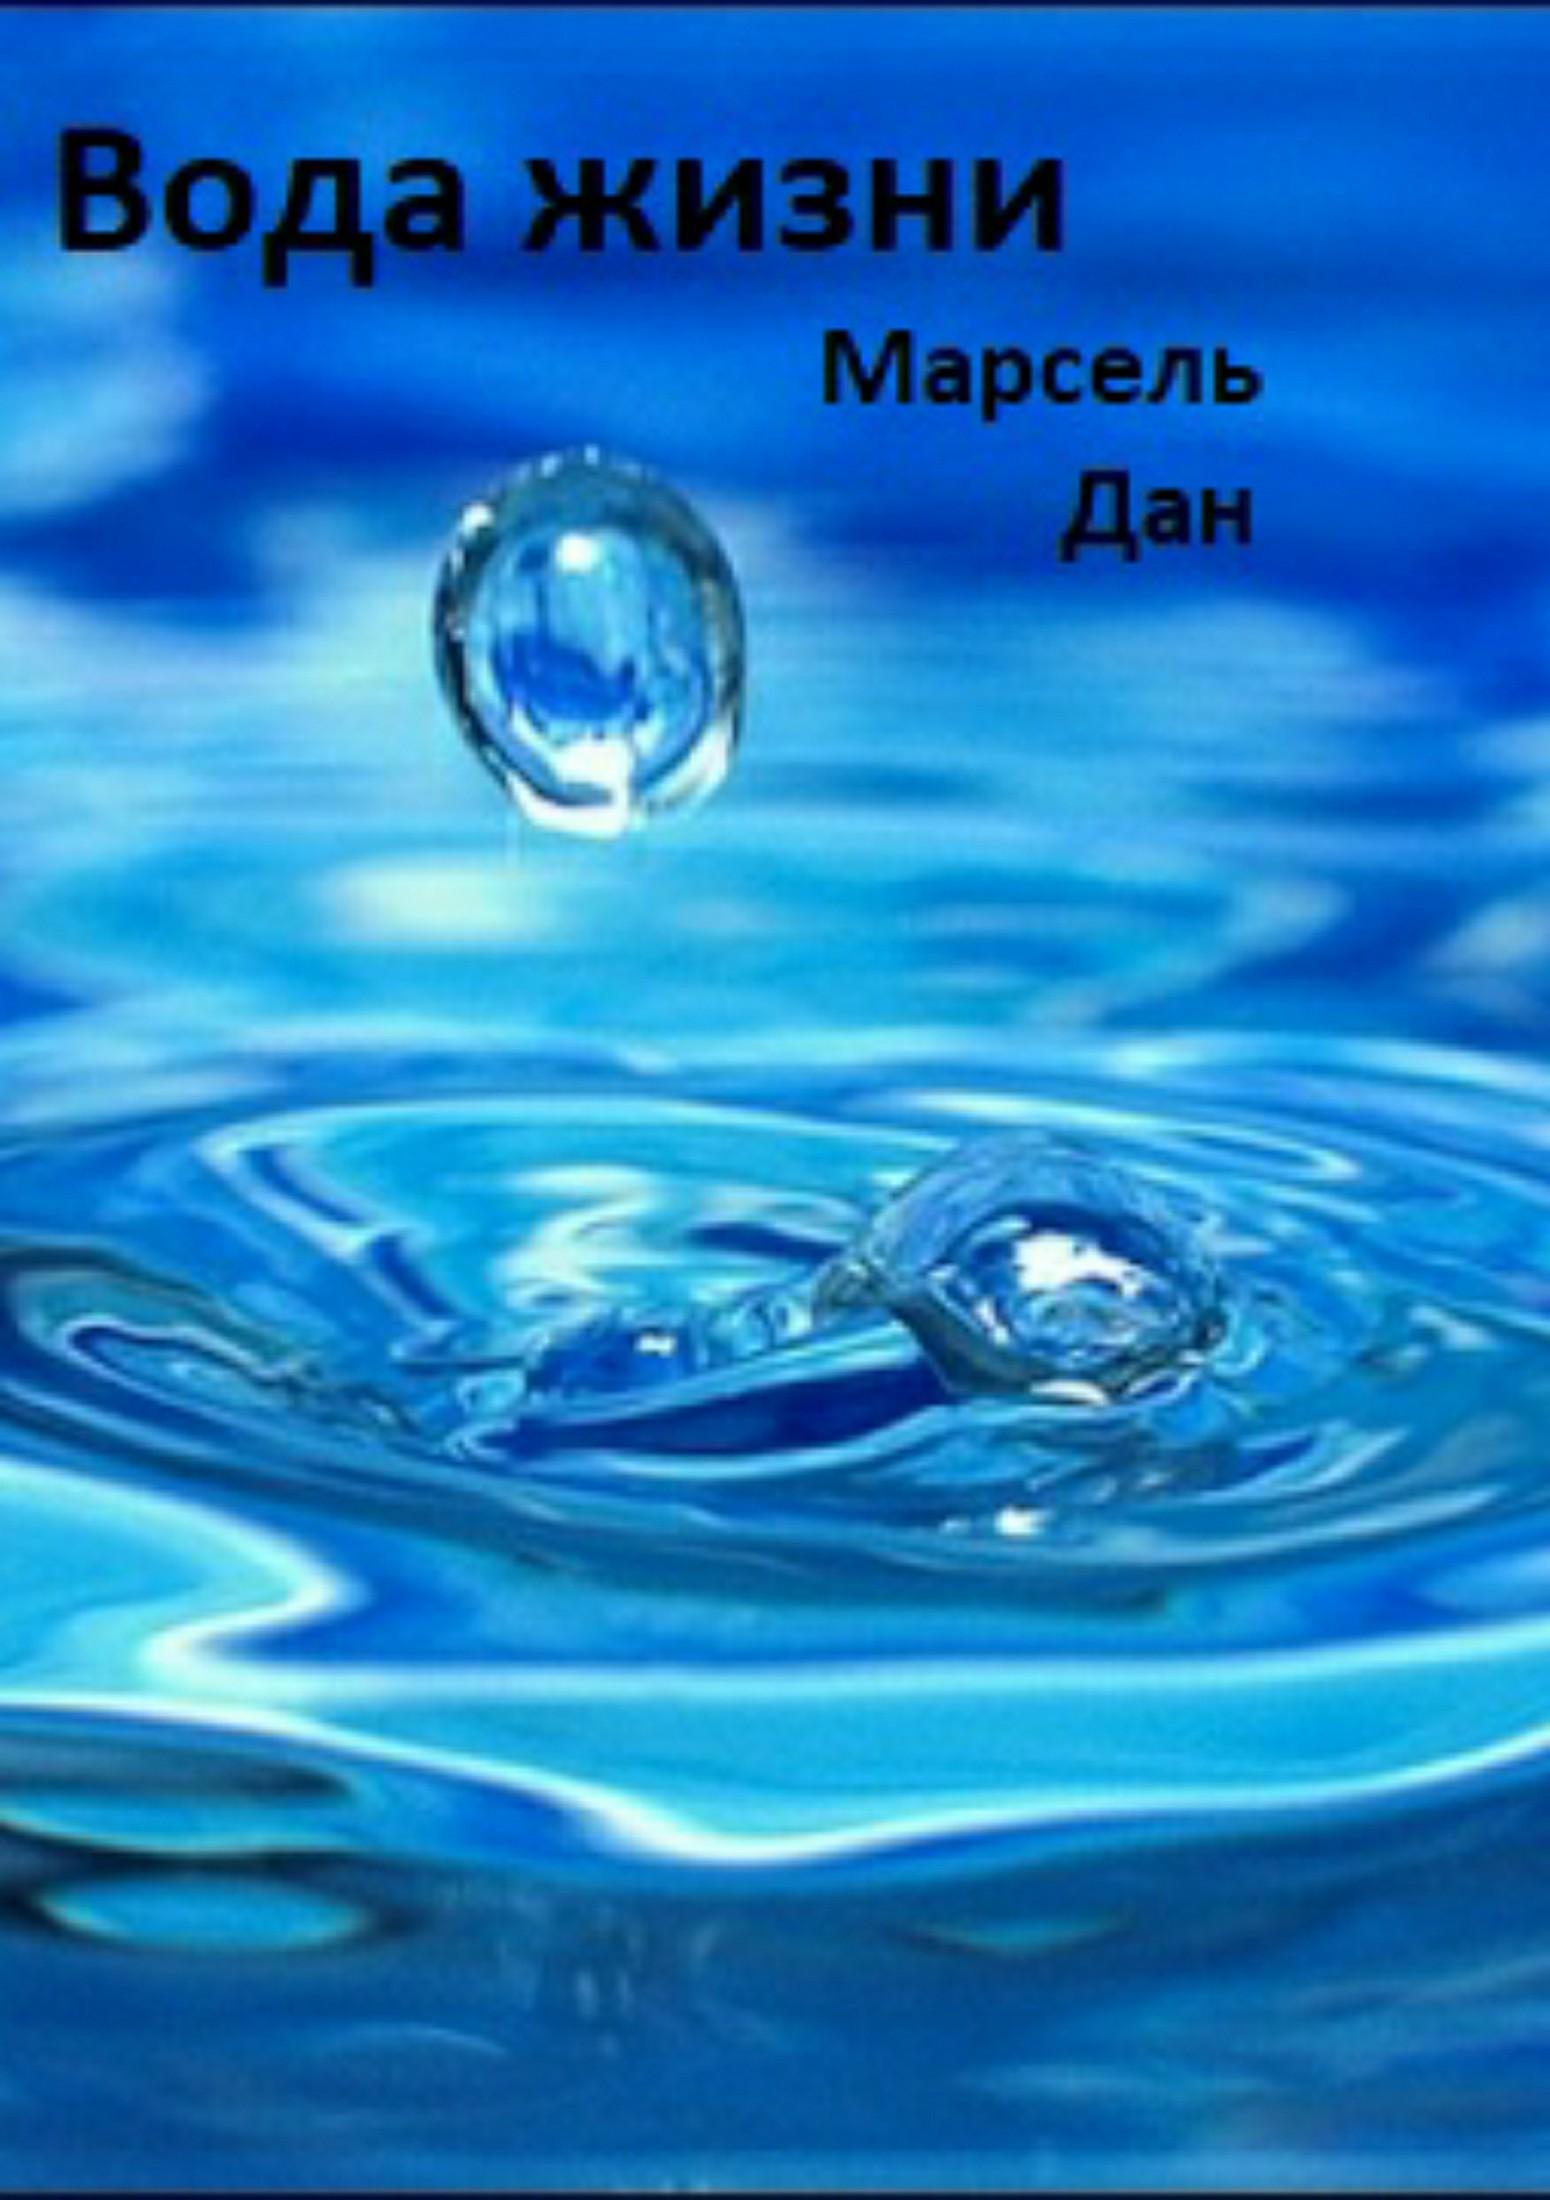 Марсель Дан - Вода жизни